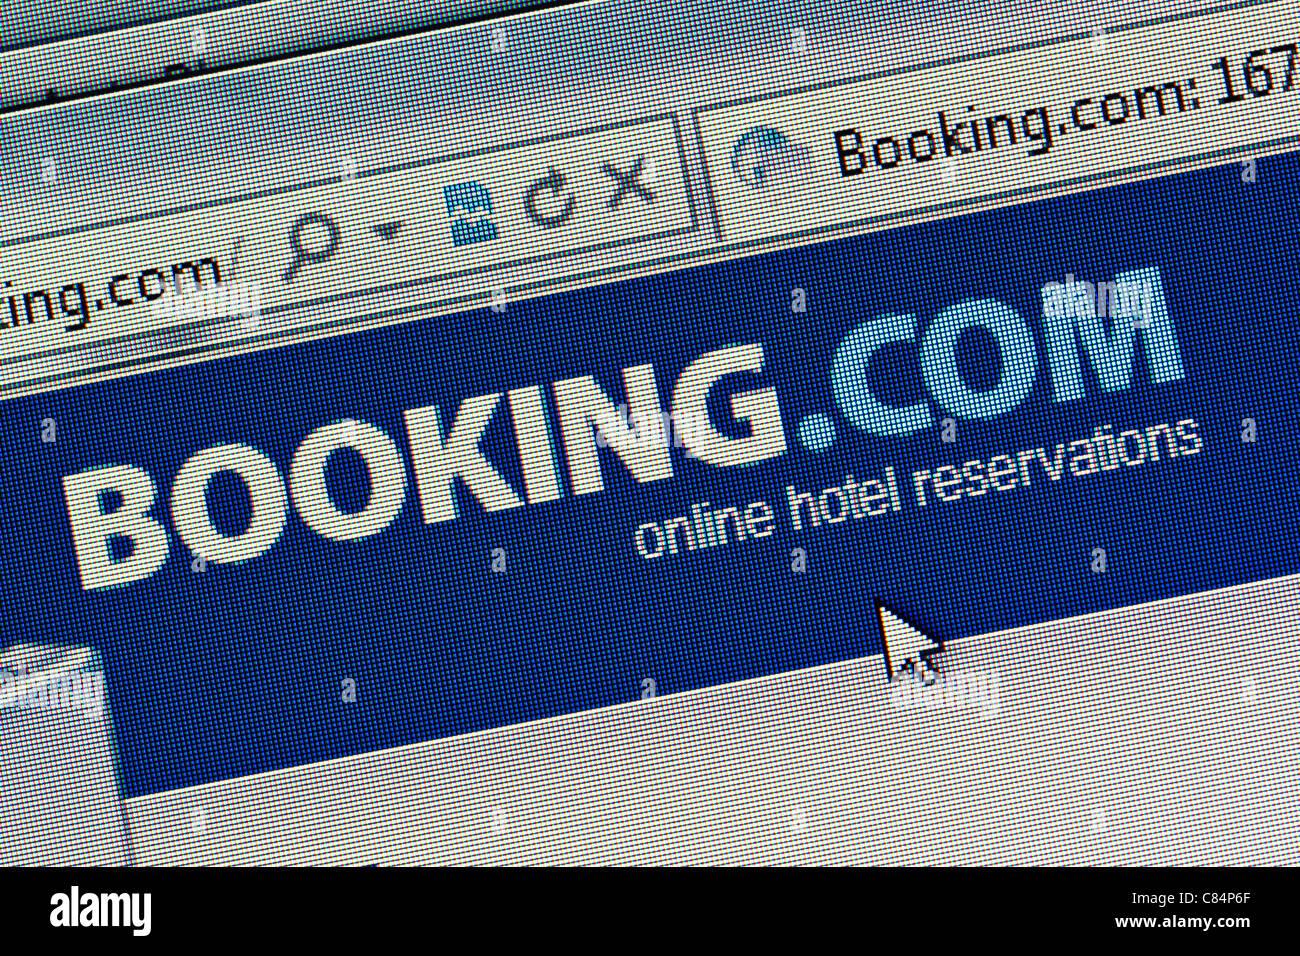 Booking.com logo and website close up - Stock Image